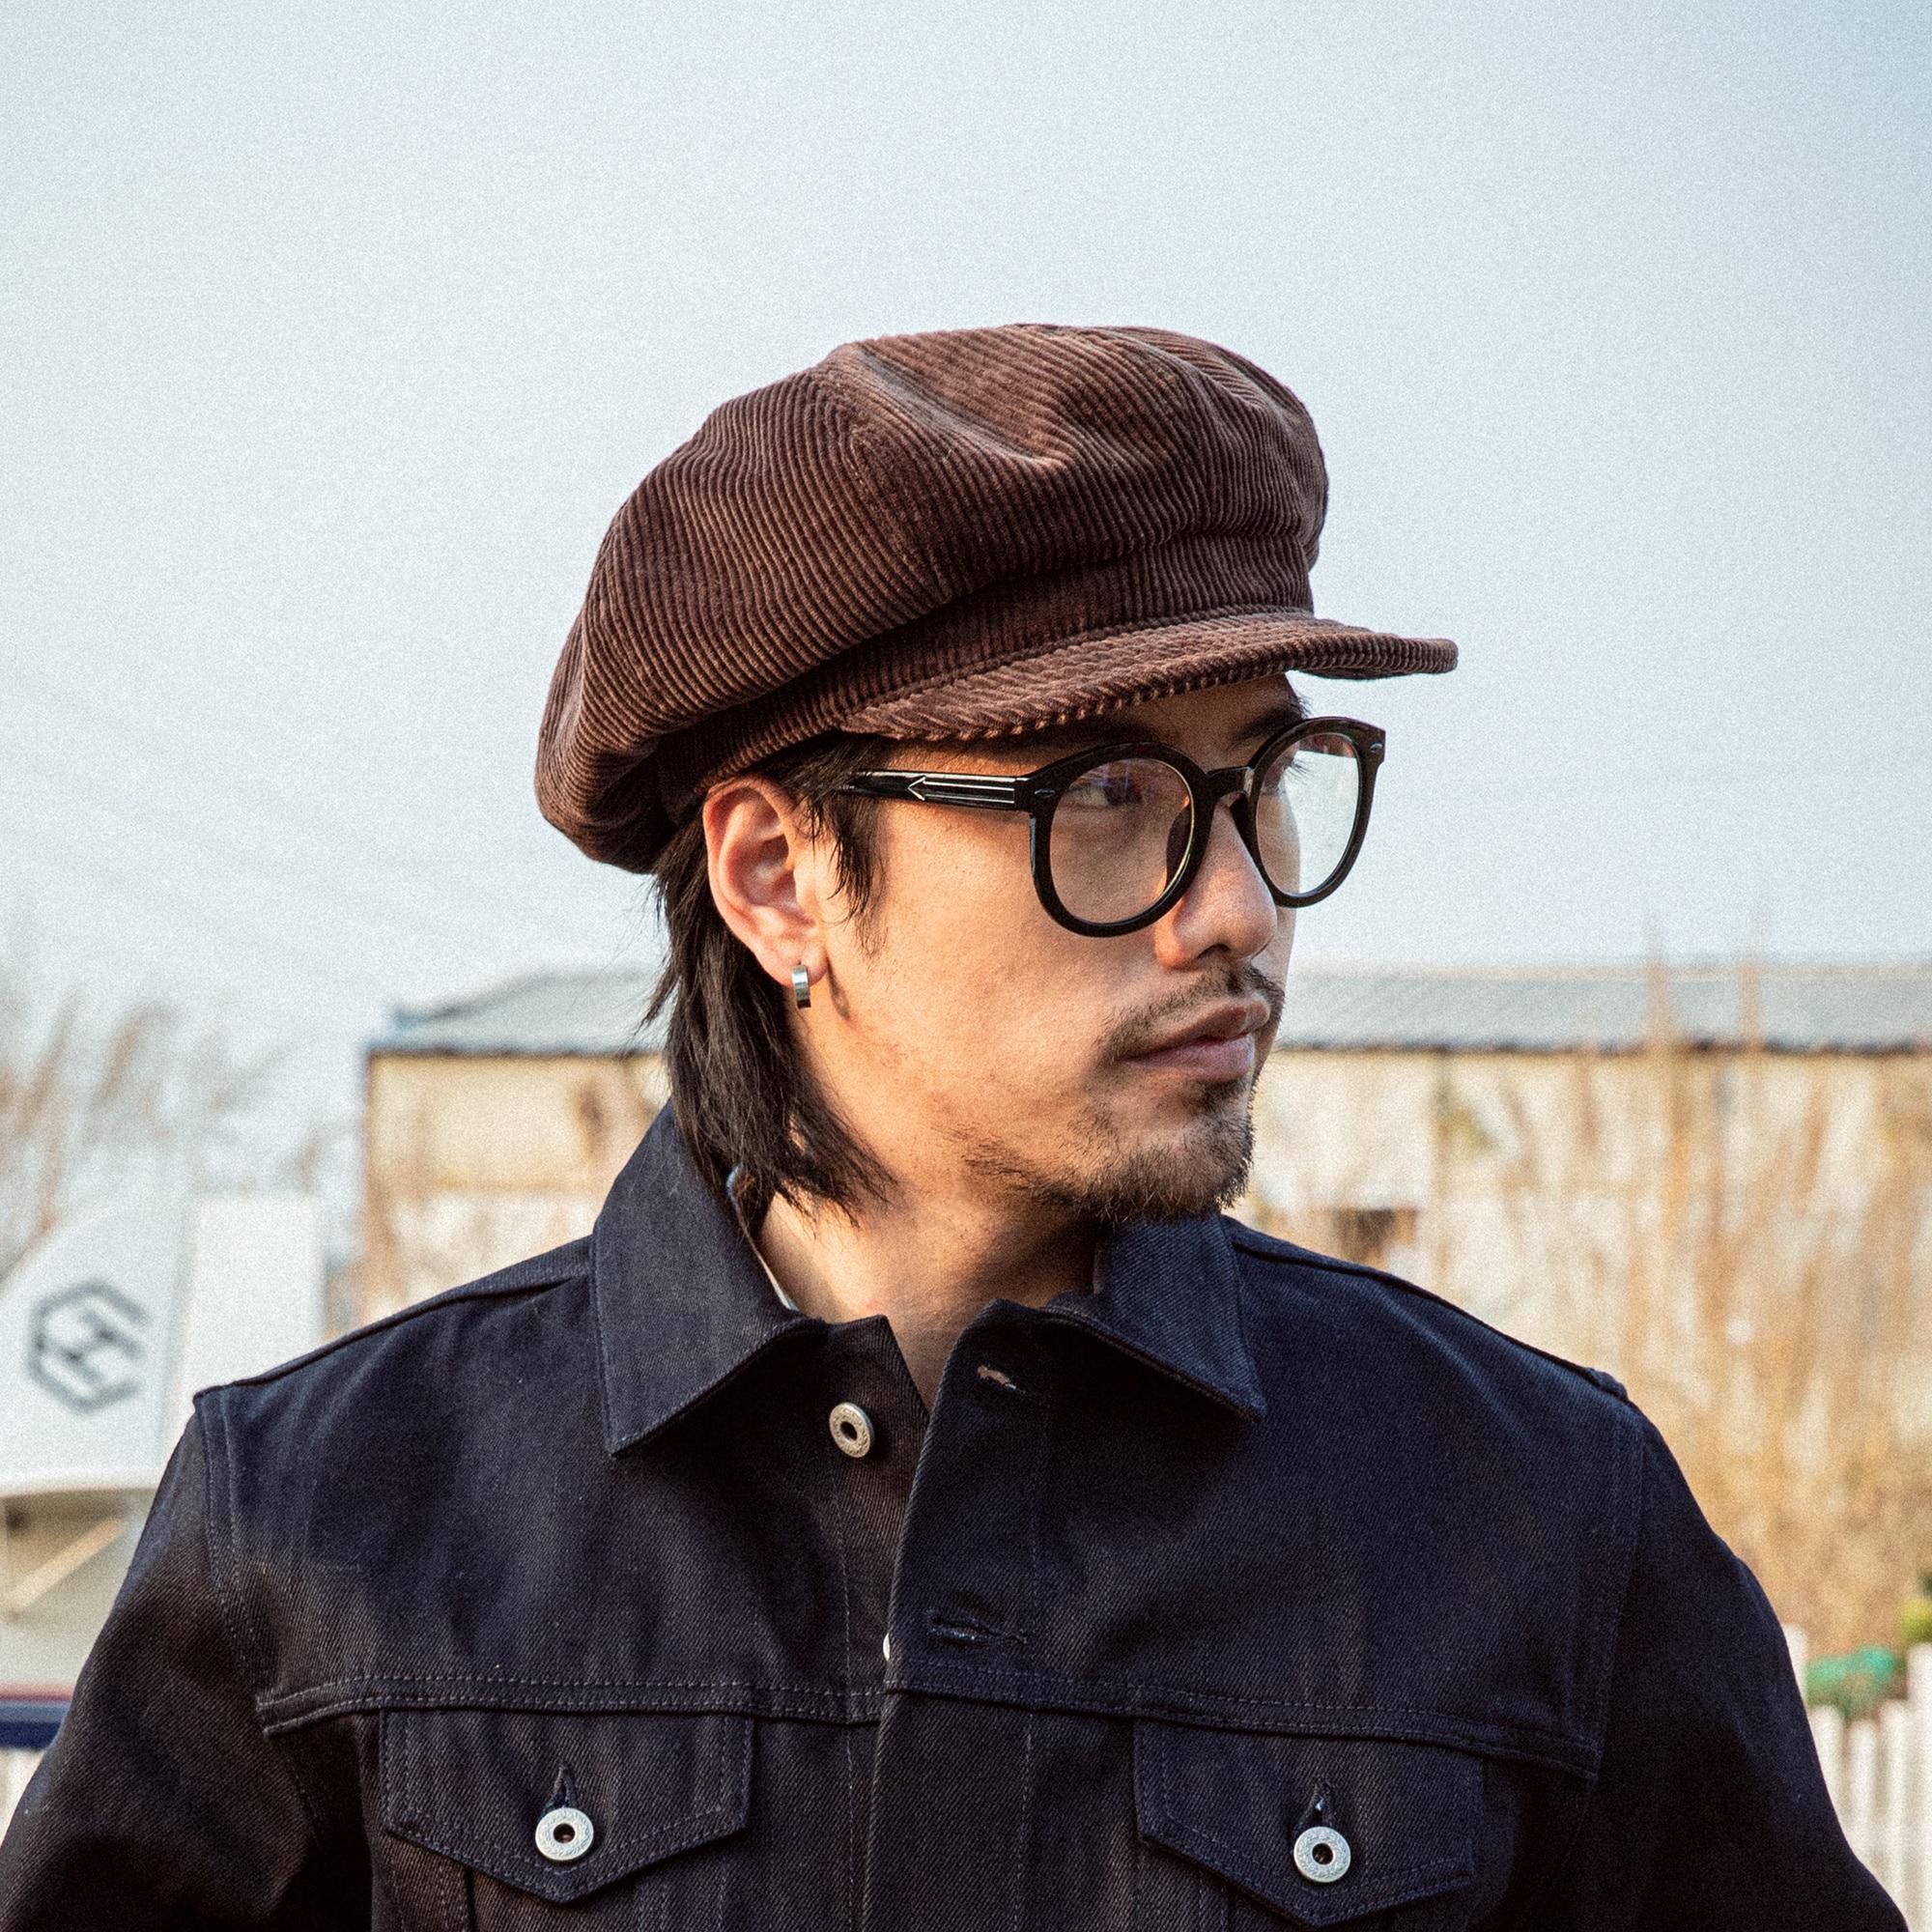 قبعة سوبر الكلاسيكية-0003 جودة خمر أنيق 100% غطاء سروال قصير القطن 2 الأحجام